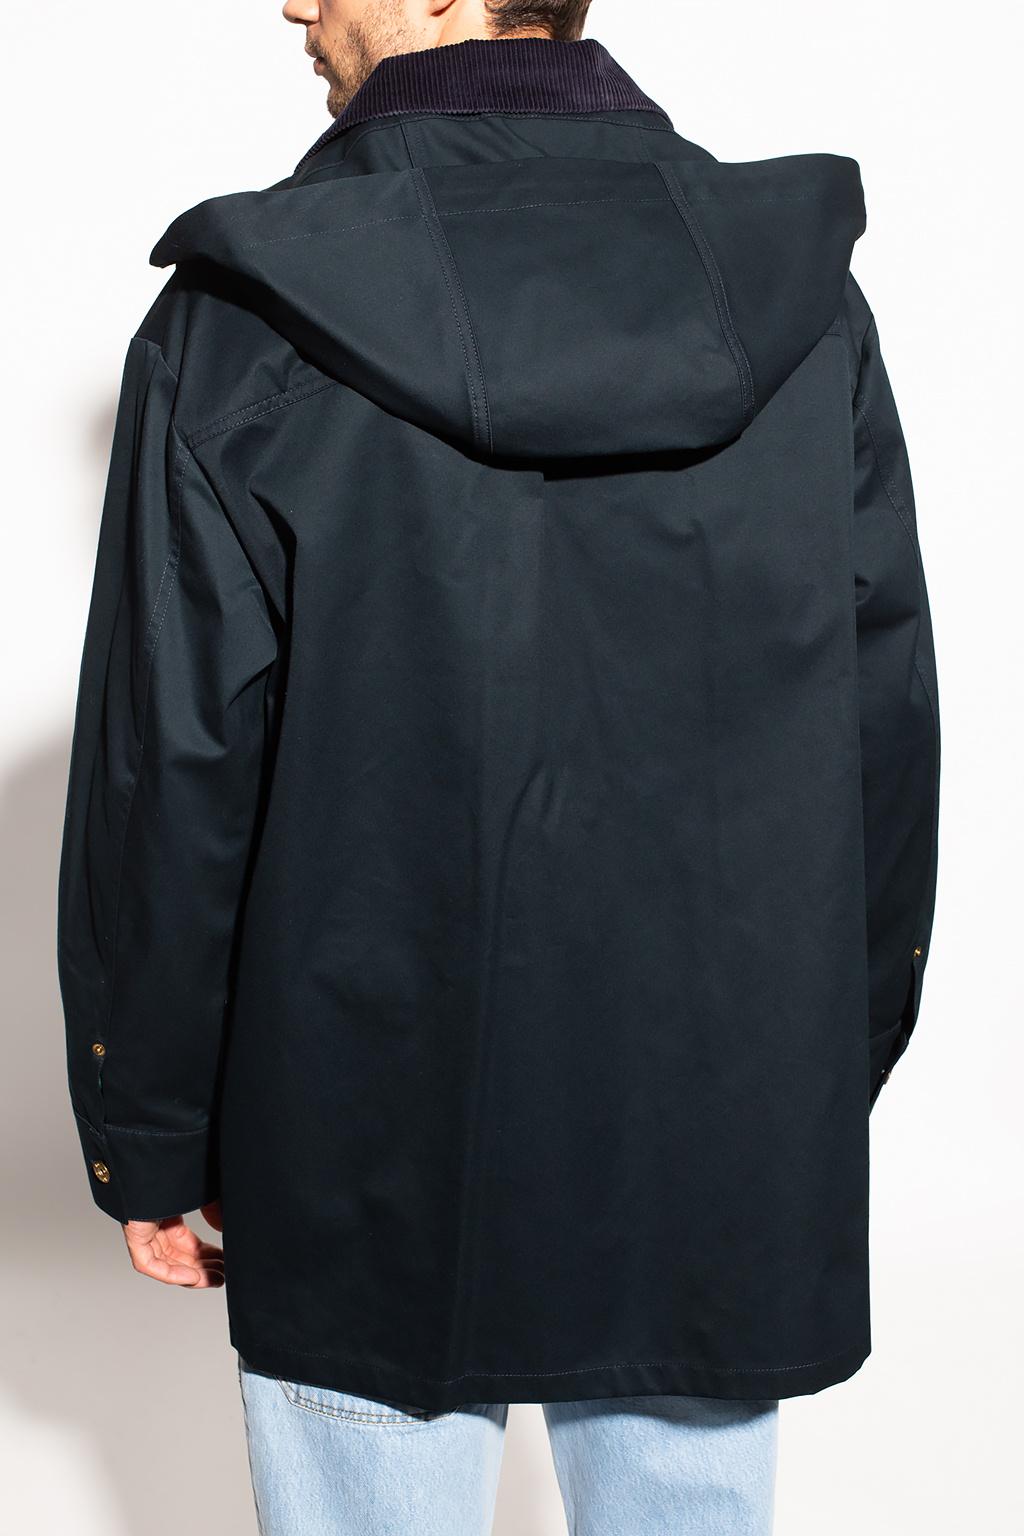 Loewe Coat with logo